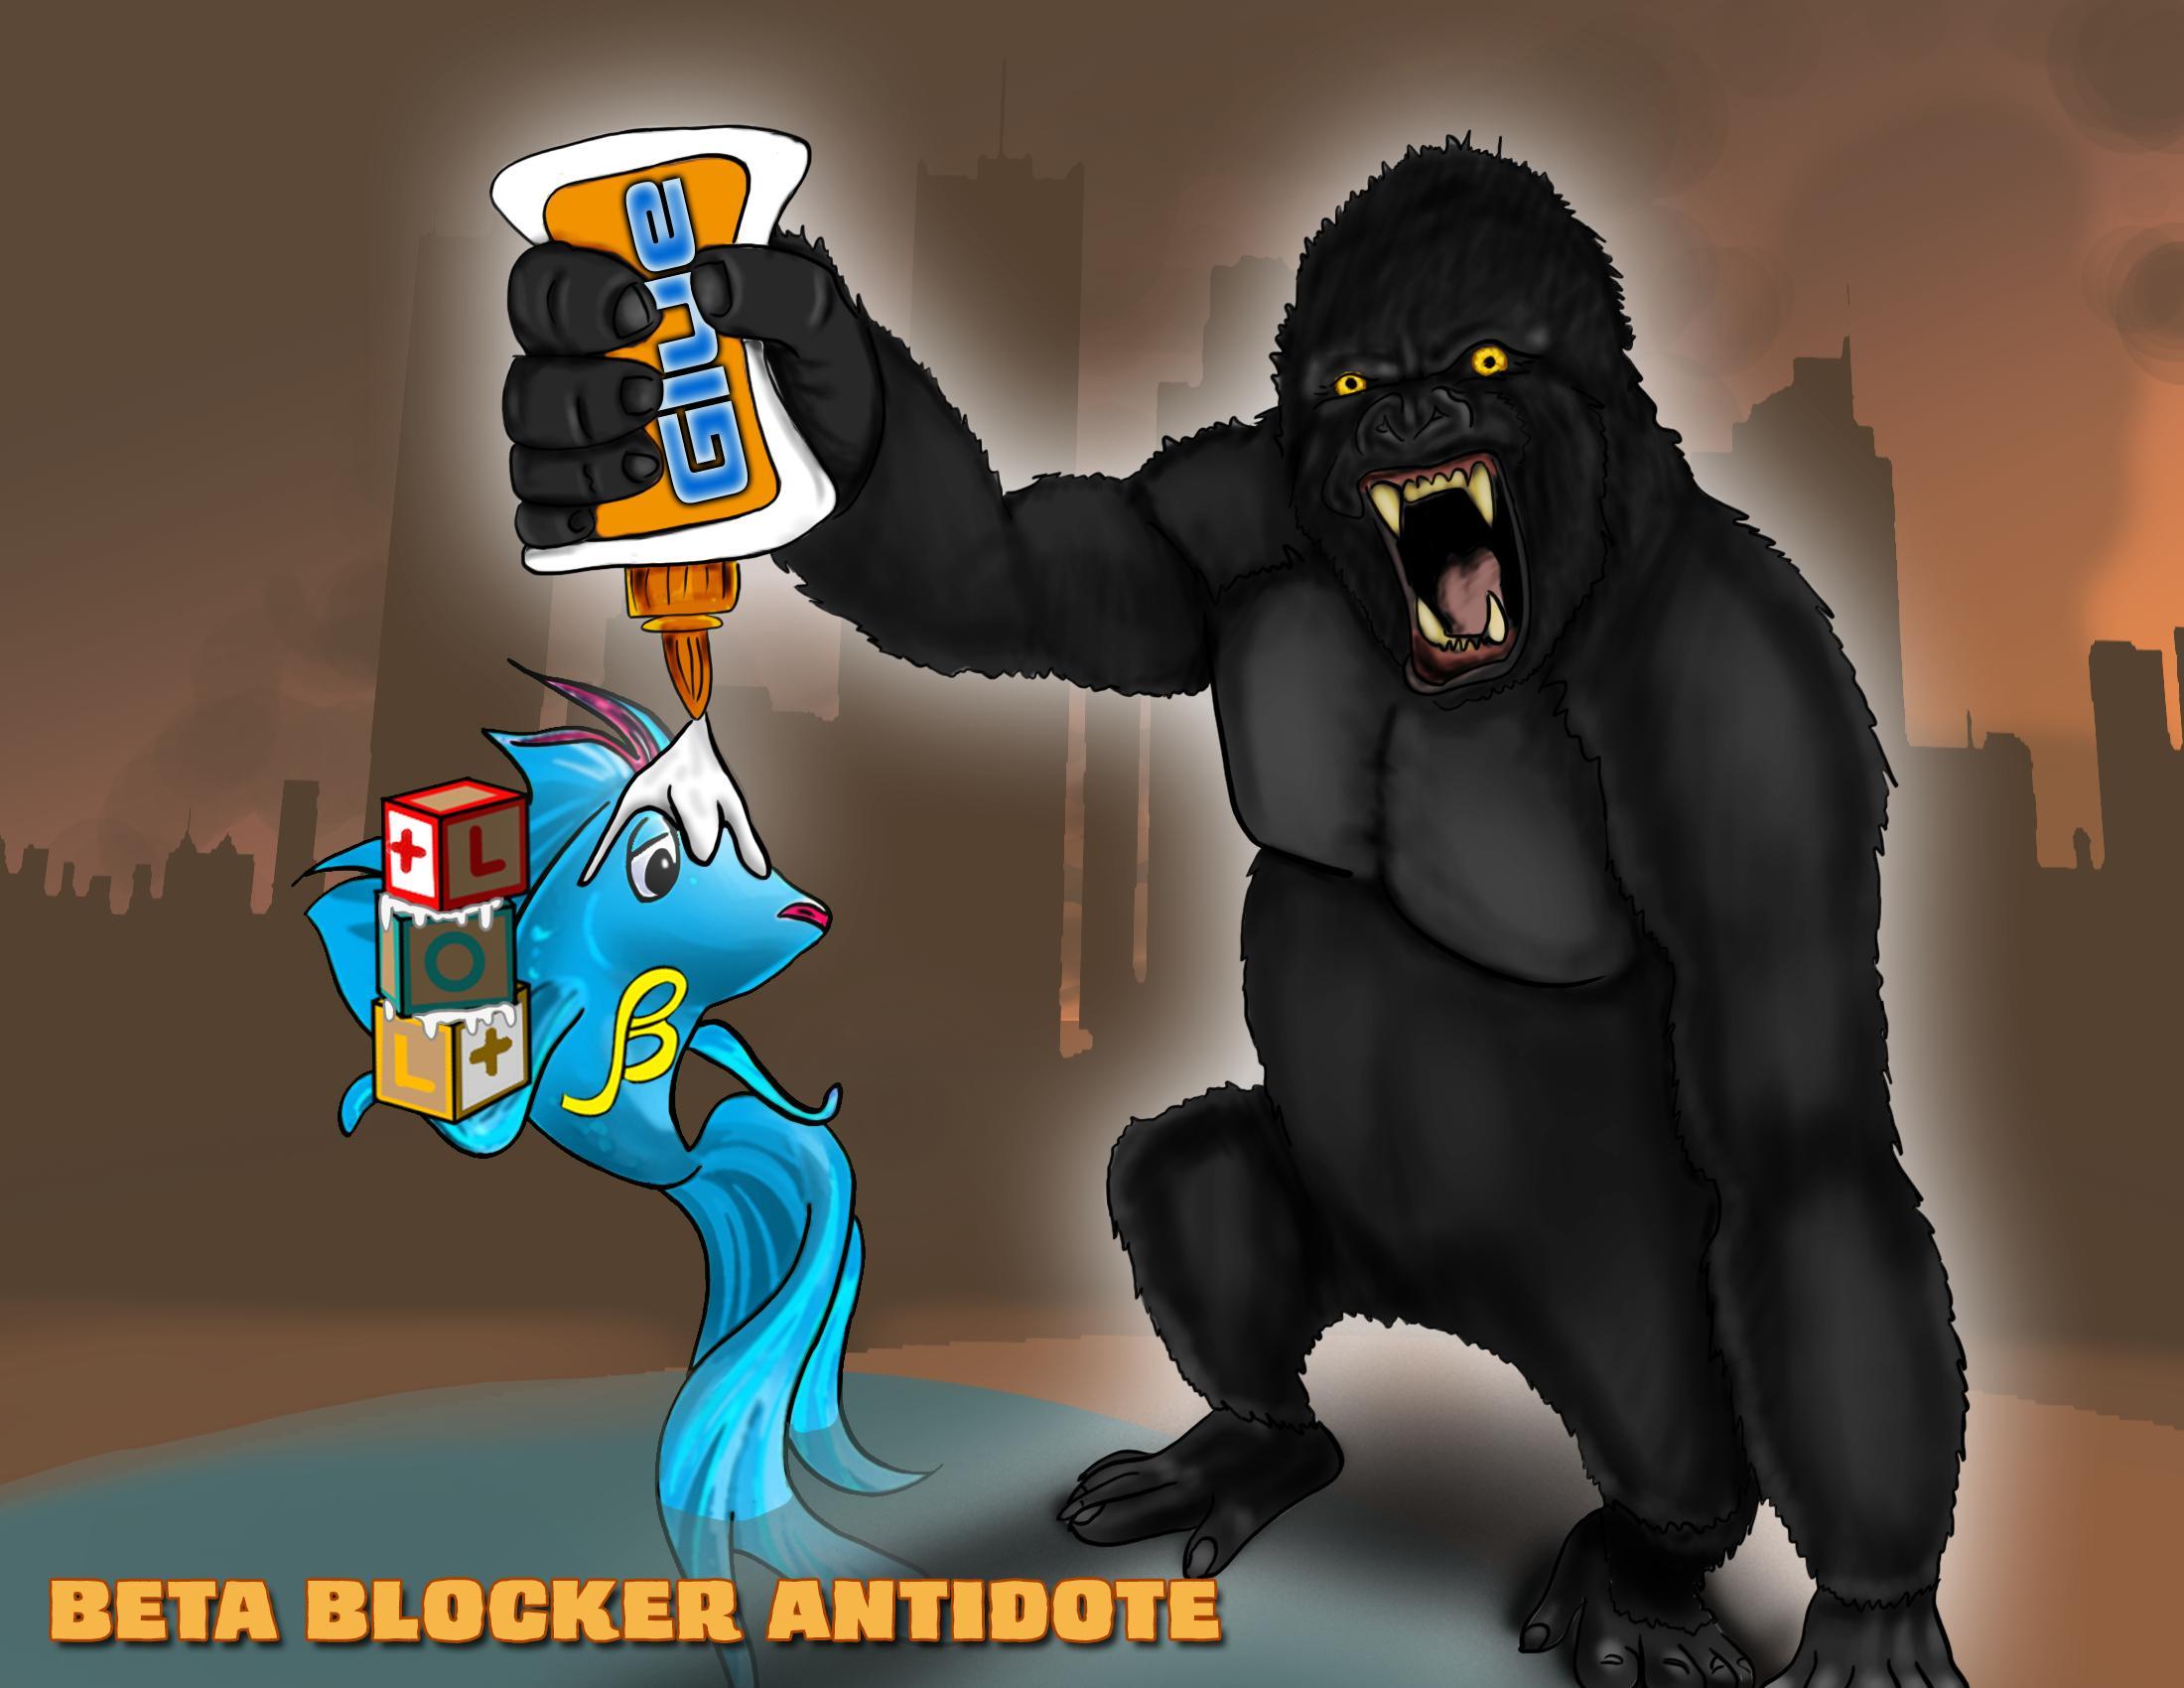 Beta Blocker Antidote